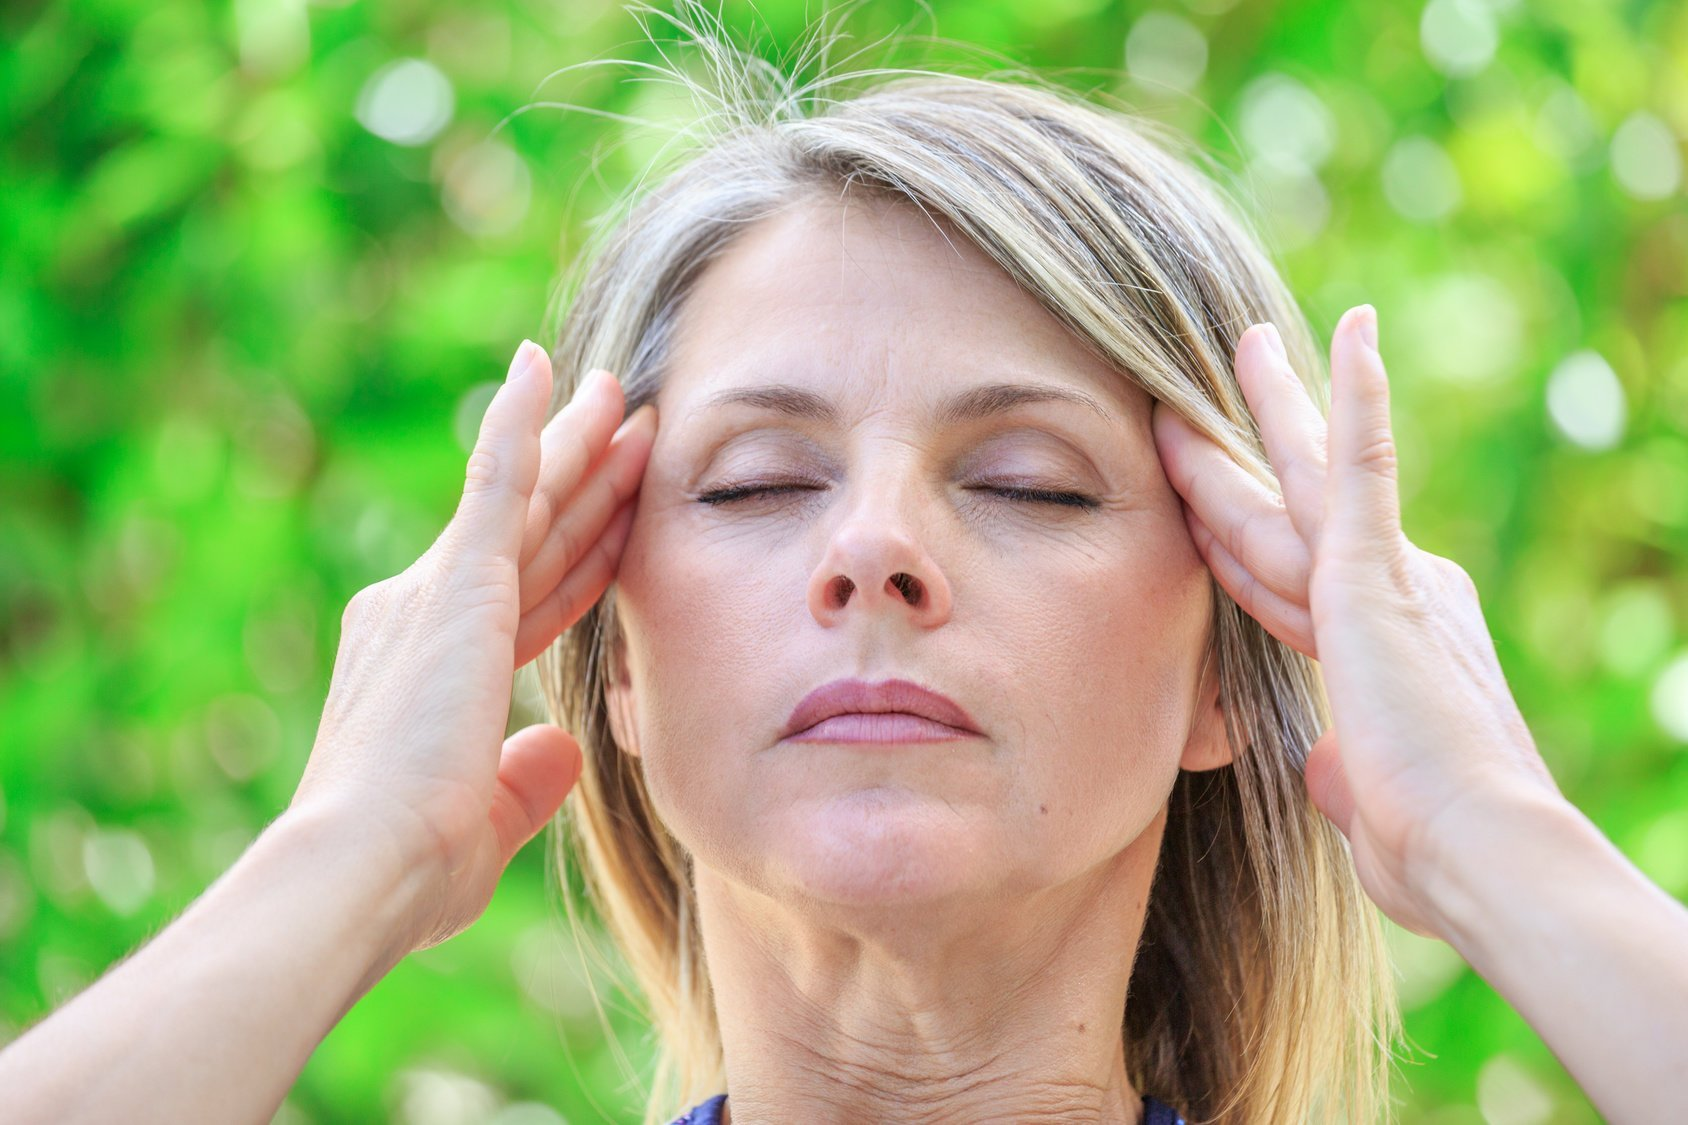 Jak radzić sobie ze stresem i nerwami? 8 skutecznych porad